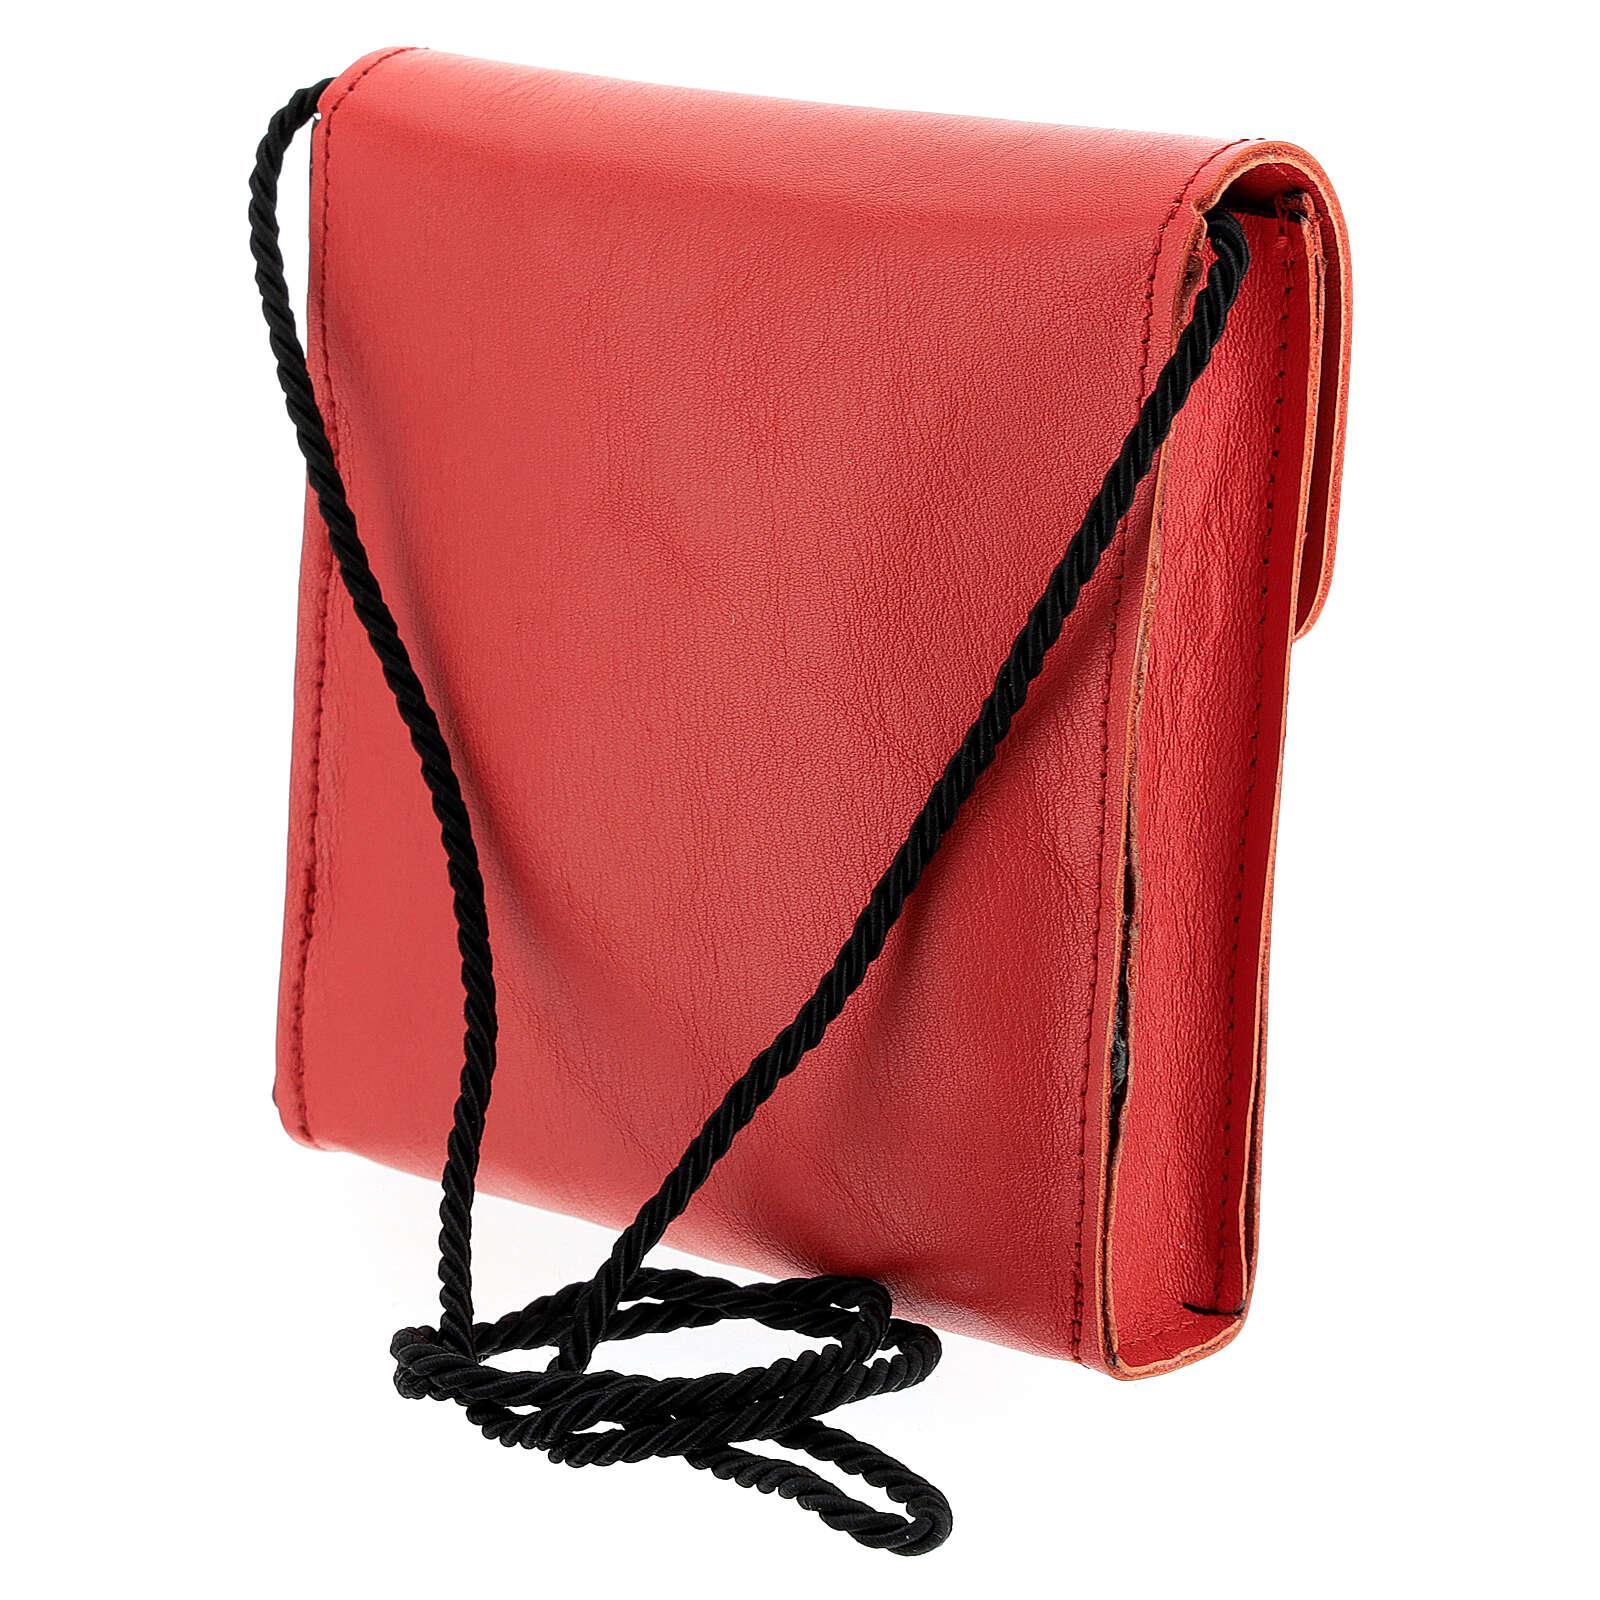 Borsa rettangolare per patena 13x12 cm vera pelle rosso 4